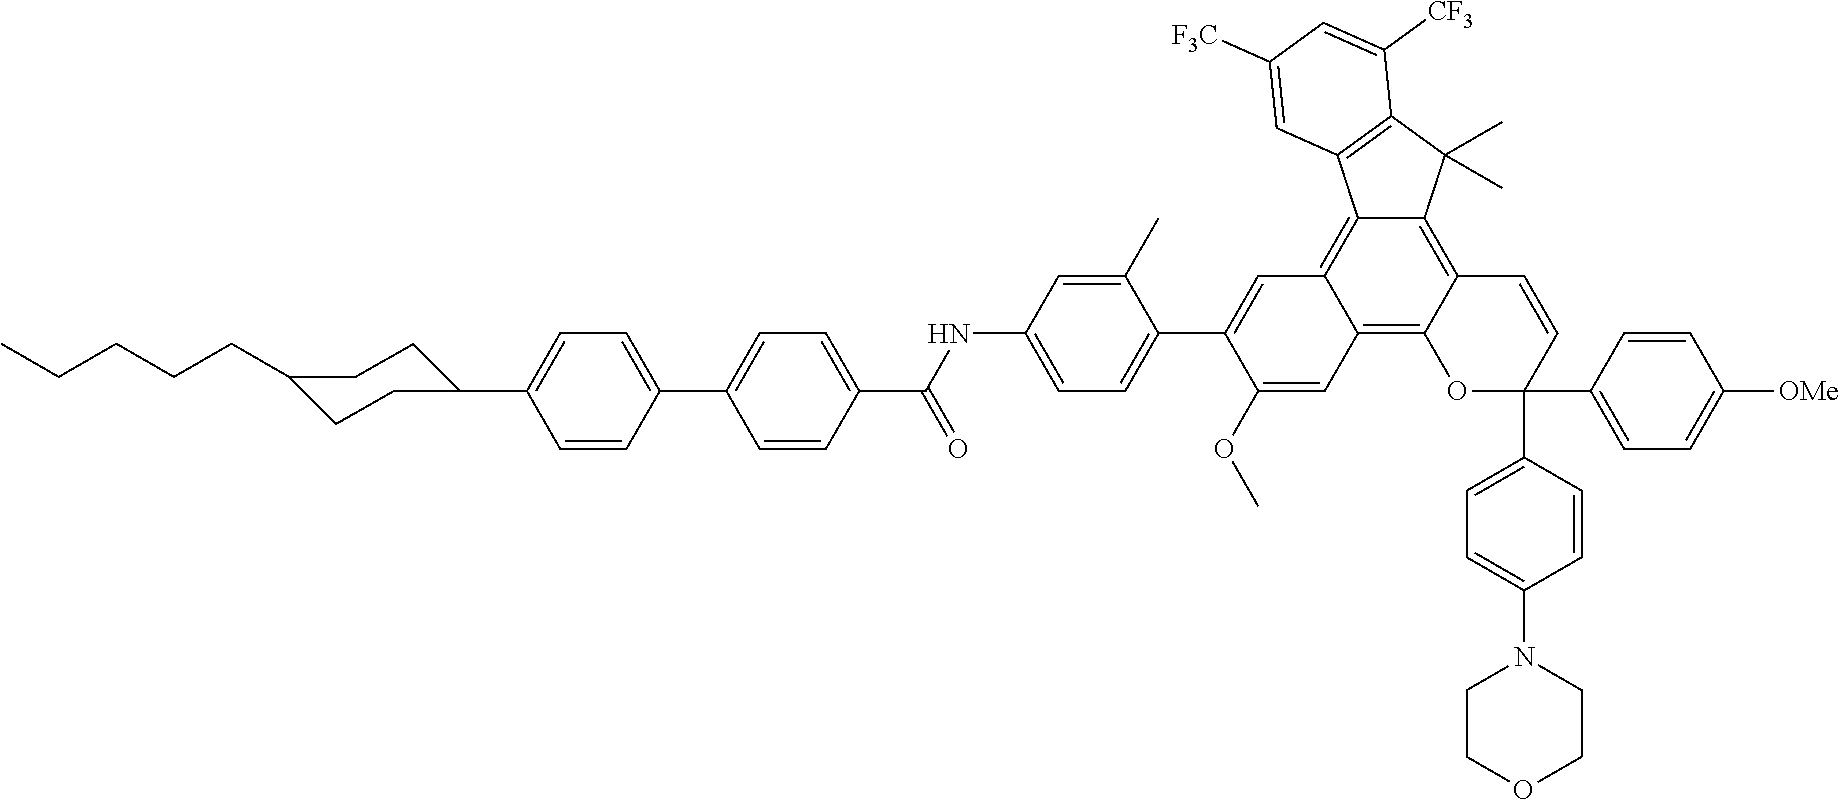 Figure US08518546-20130827-C00051